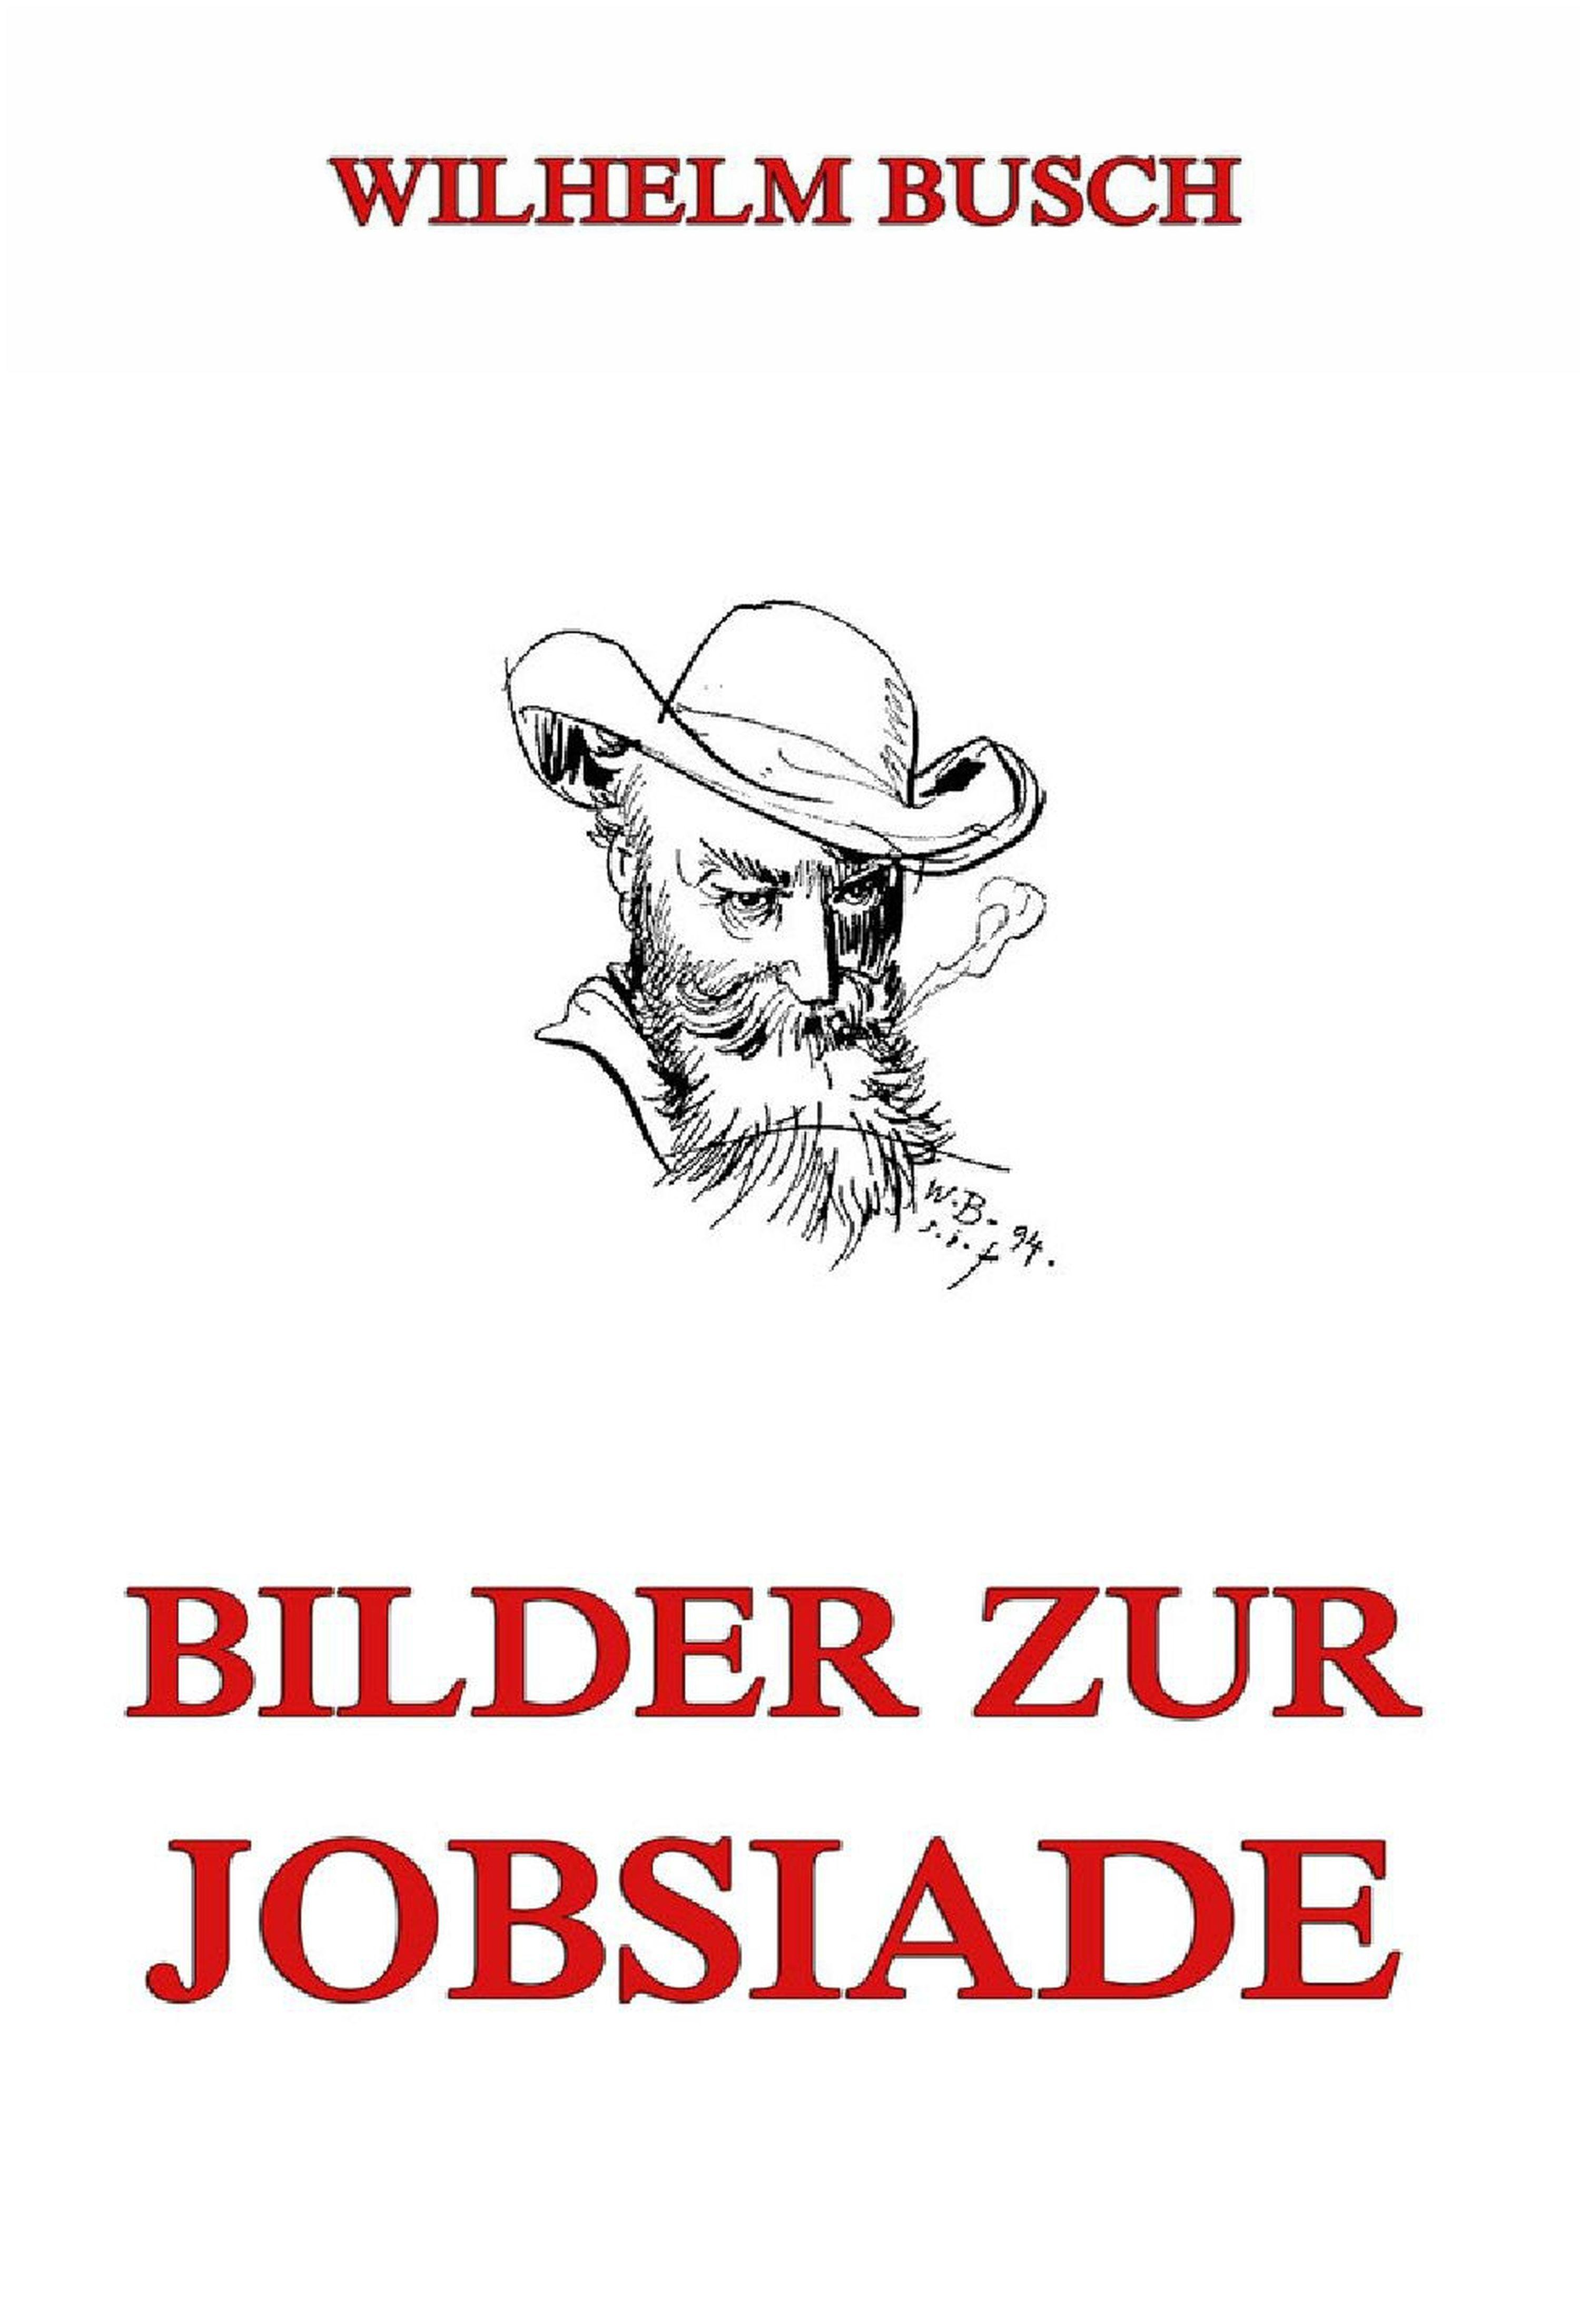 Wilhelm Busch Bilder zur Jobsiade max planck kaiser wilhelm ges zur forderung der wis 25 jahre kaiser wilhelm gesellschaft zur forderung der wissenschaften erster band handbuch